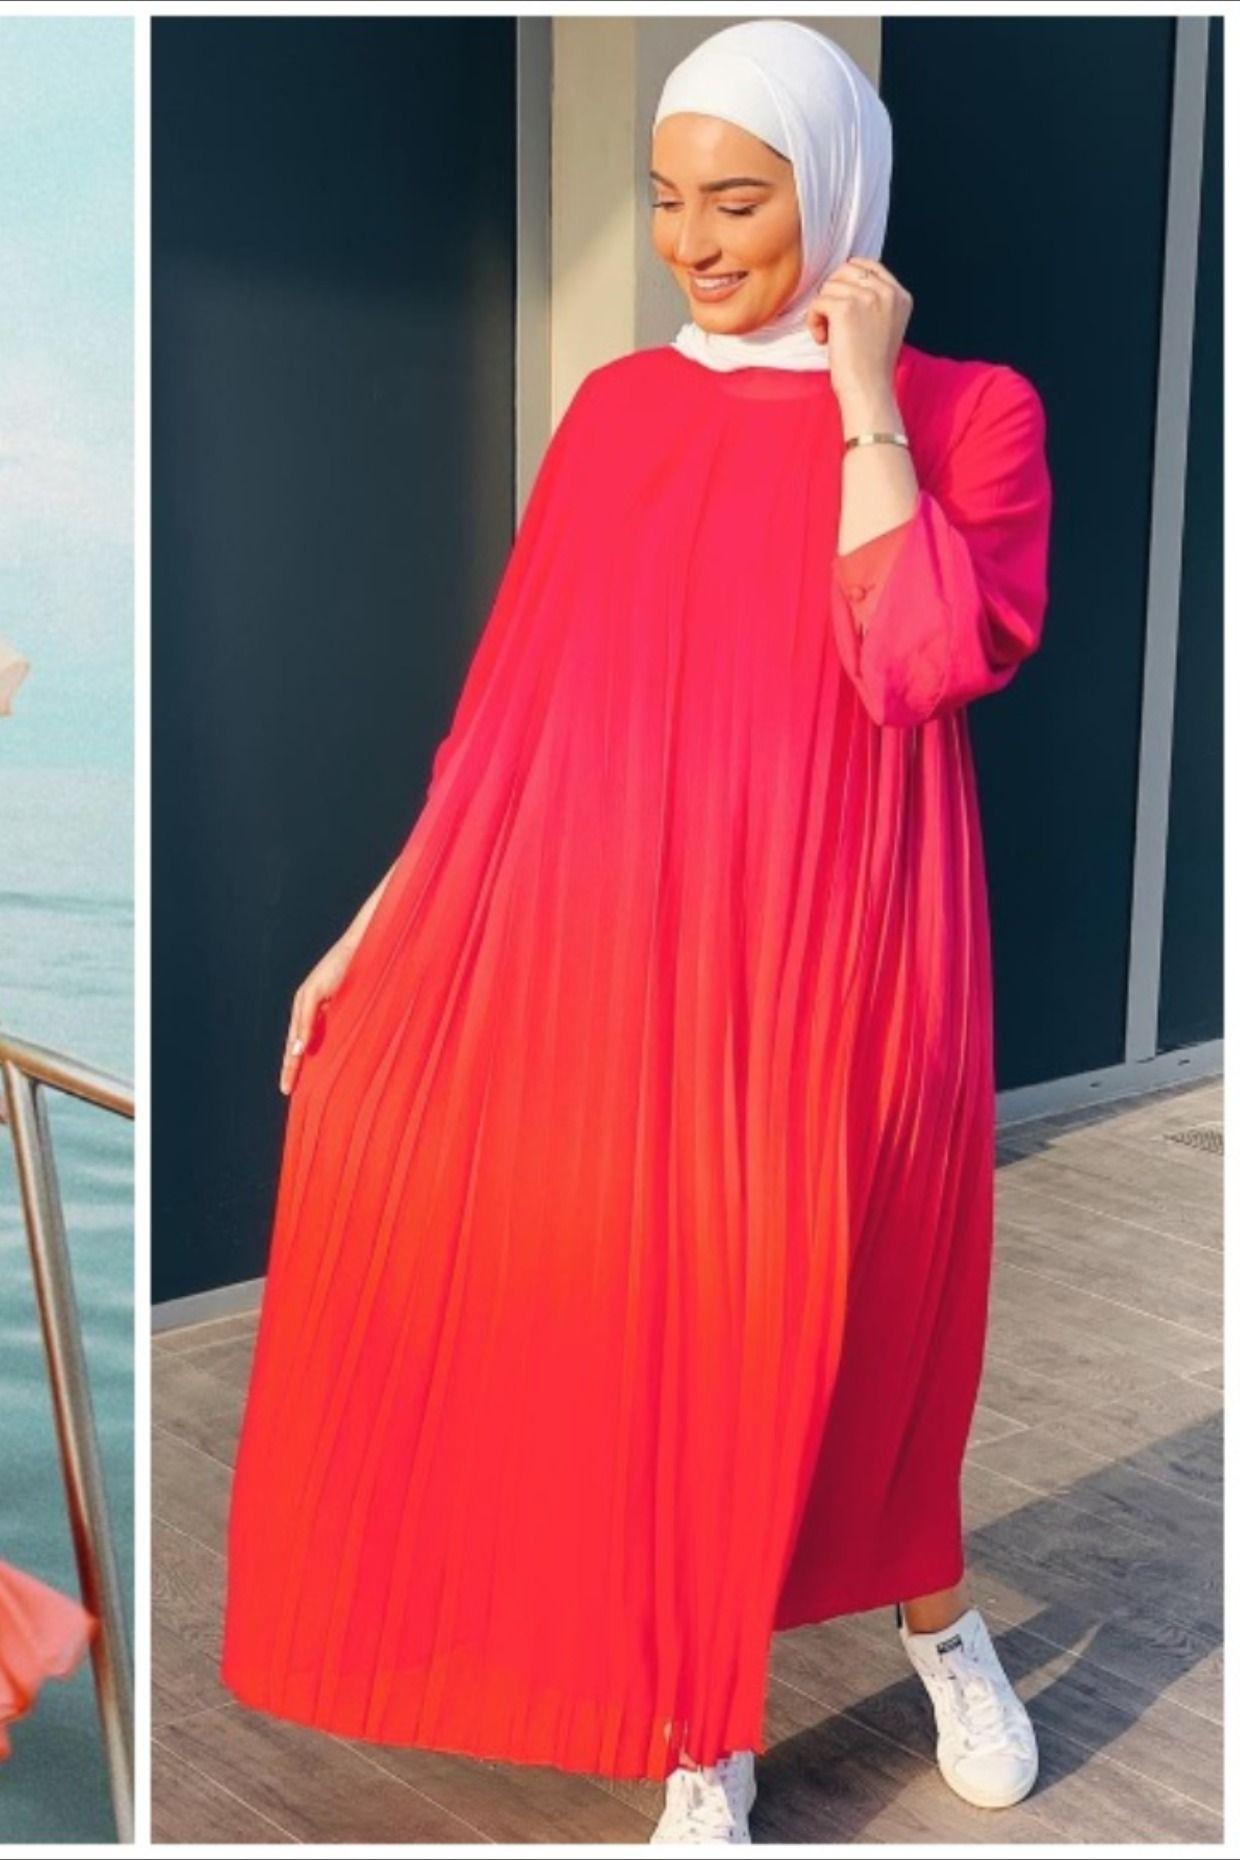 ستايل الجمعة أفكار متنوعة لارتداء الفستان الطويل مع الحجاب Hijabi Outfits Casual Fashion Hijab Fashion